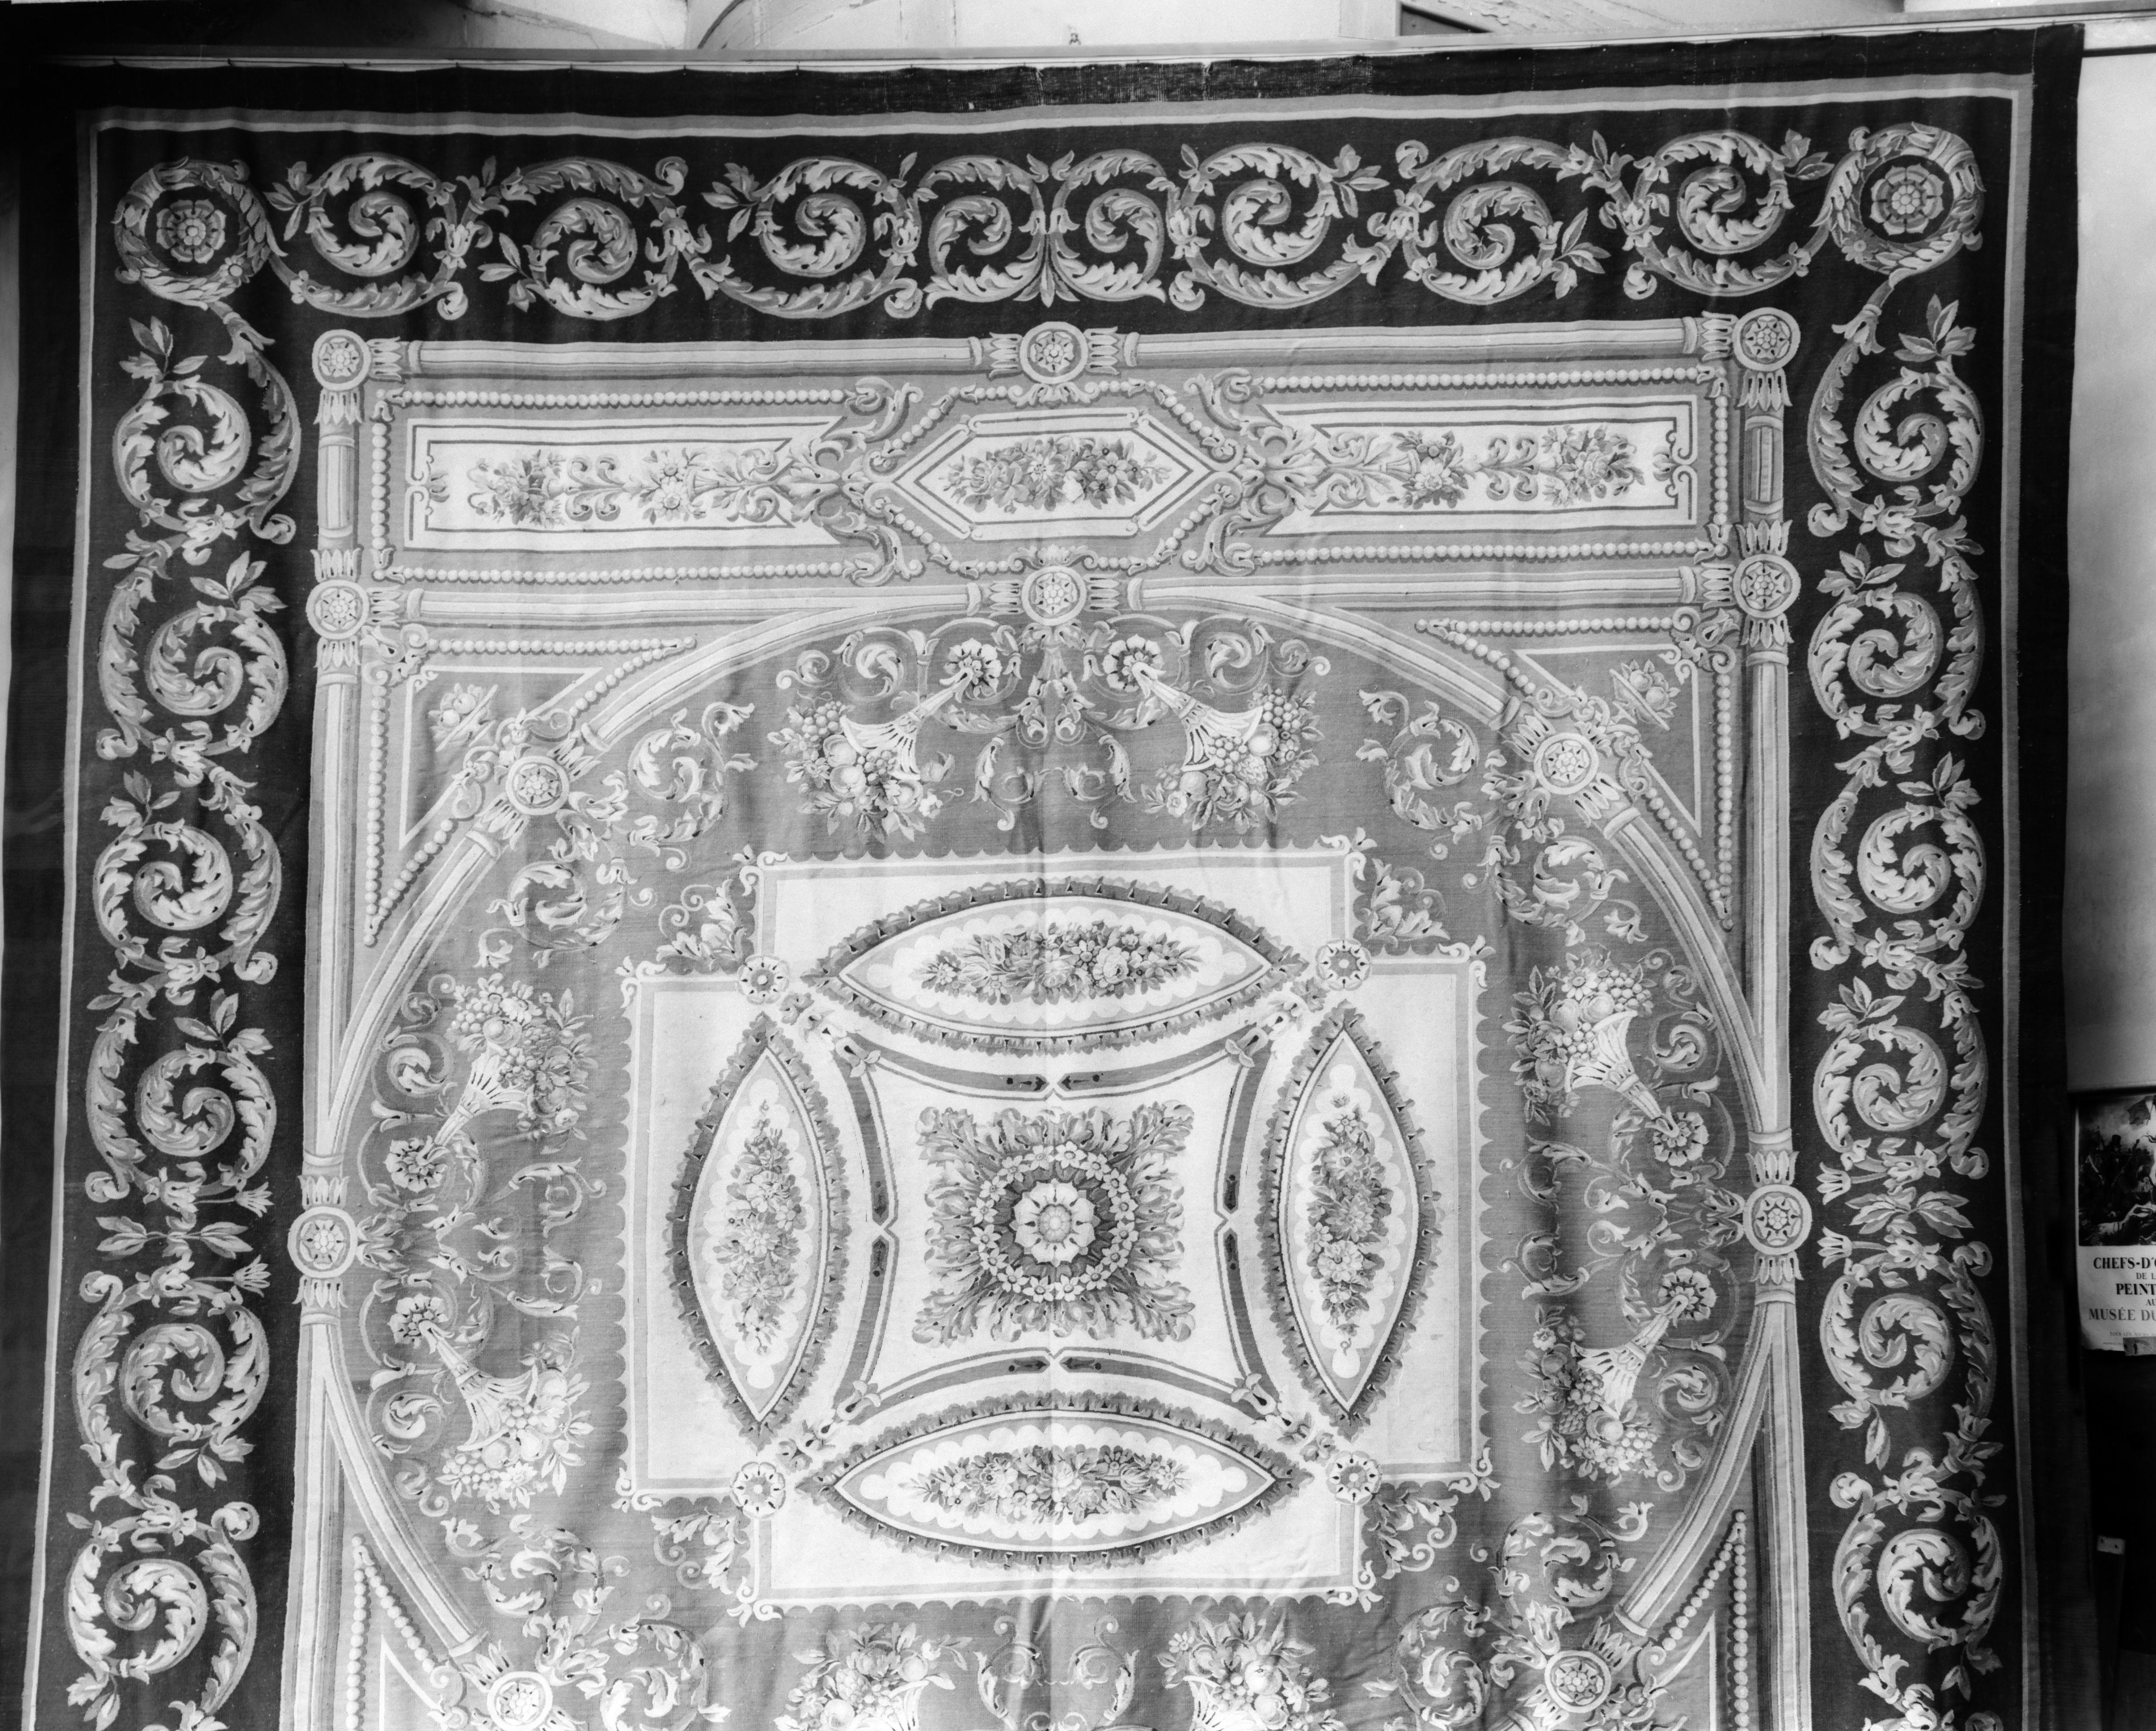 mnr/OAR00544/OAR544-copyright_Musee_du_Louvre-departement_des_Objets_d_art.jpg